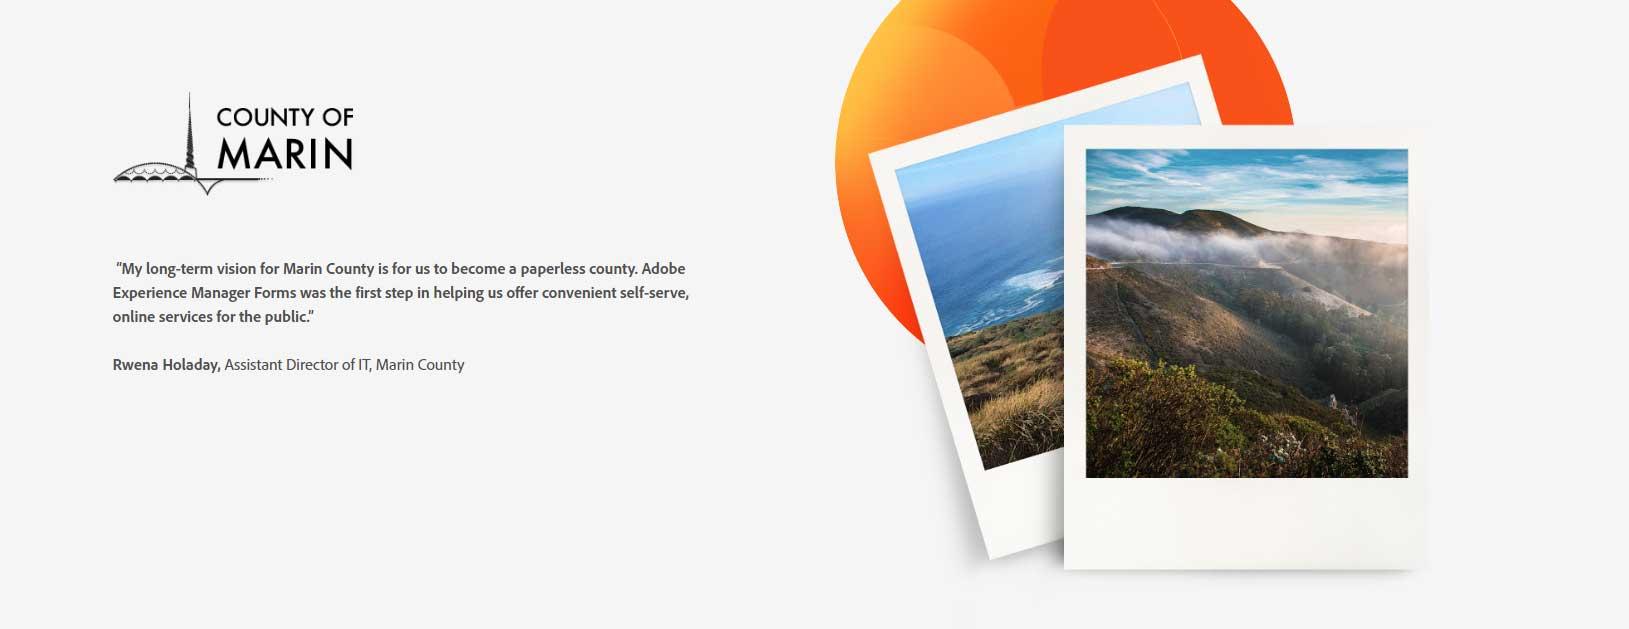 Adobe AEM Forms Success Story